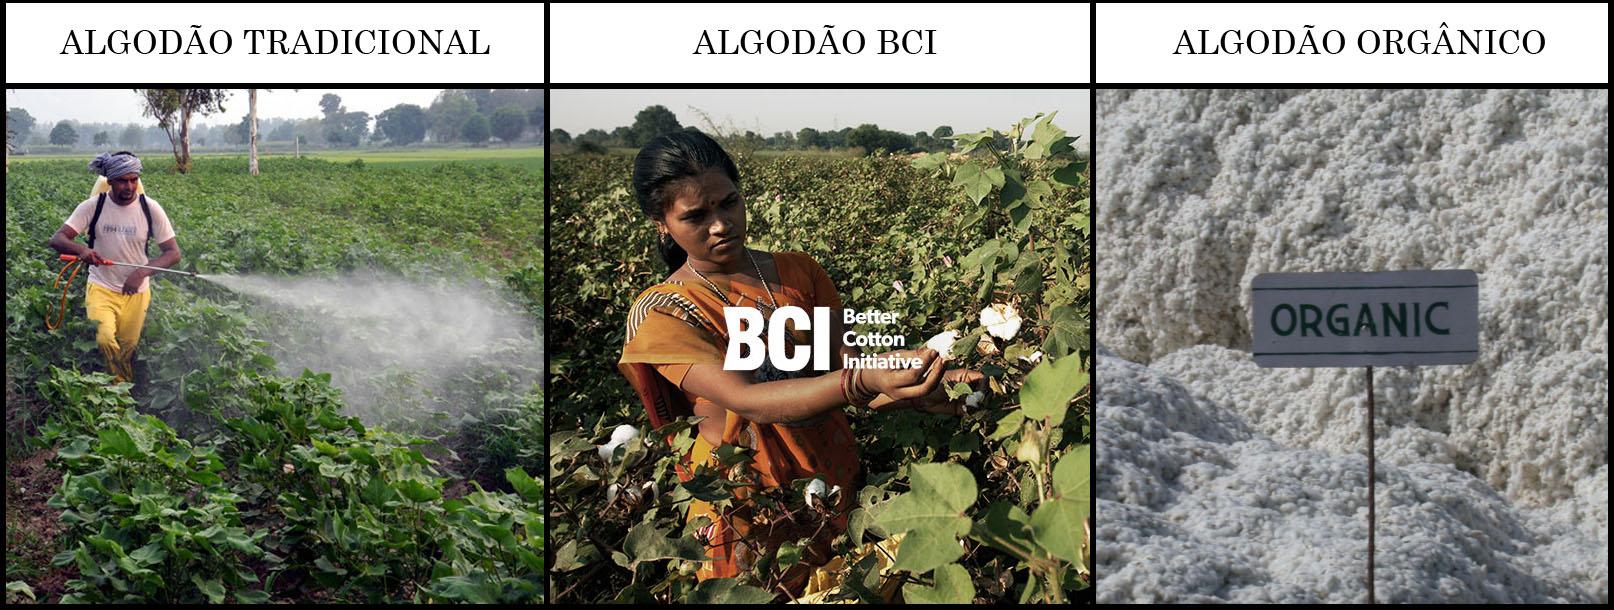 Monsanto perde milhões na Índia pois agricultores estão plantando algodão orgânico stylo urbano-1